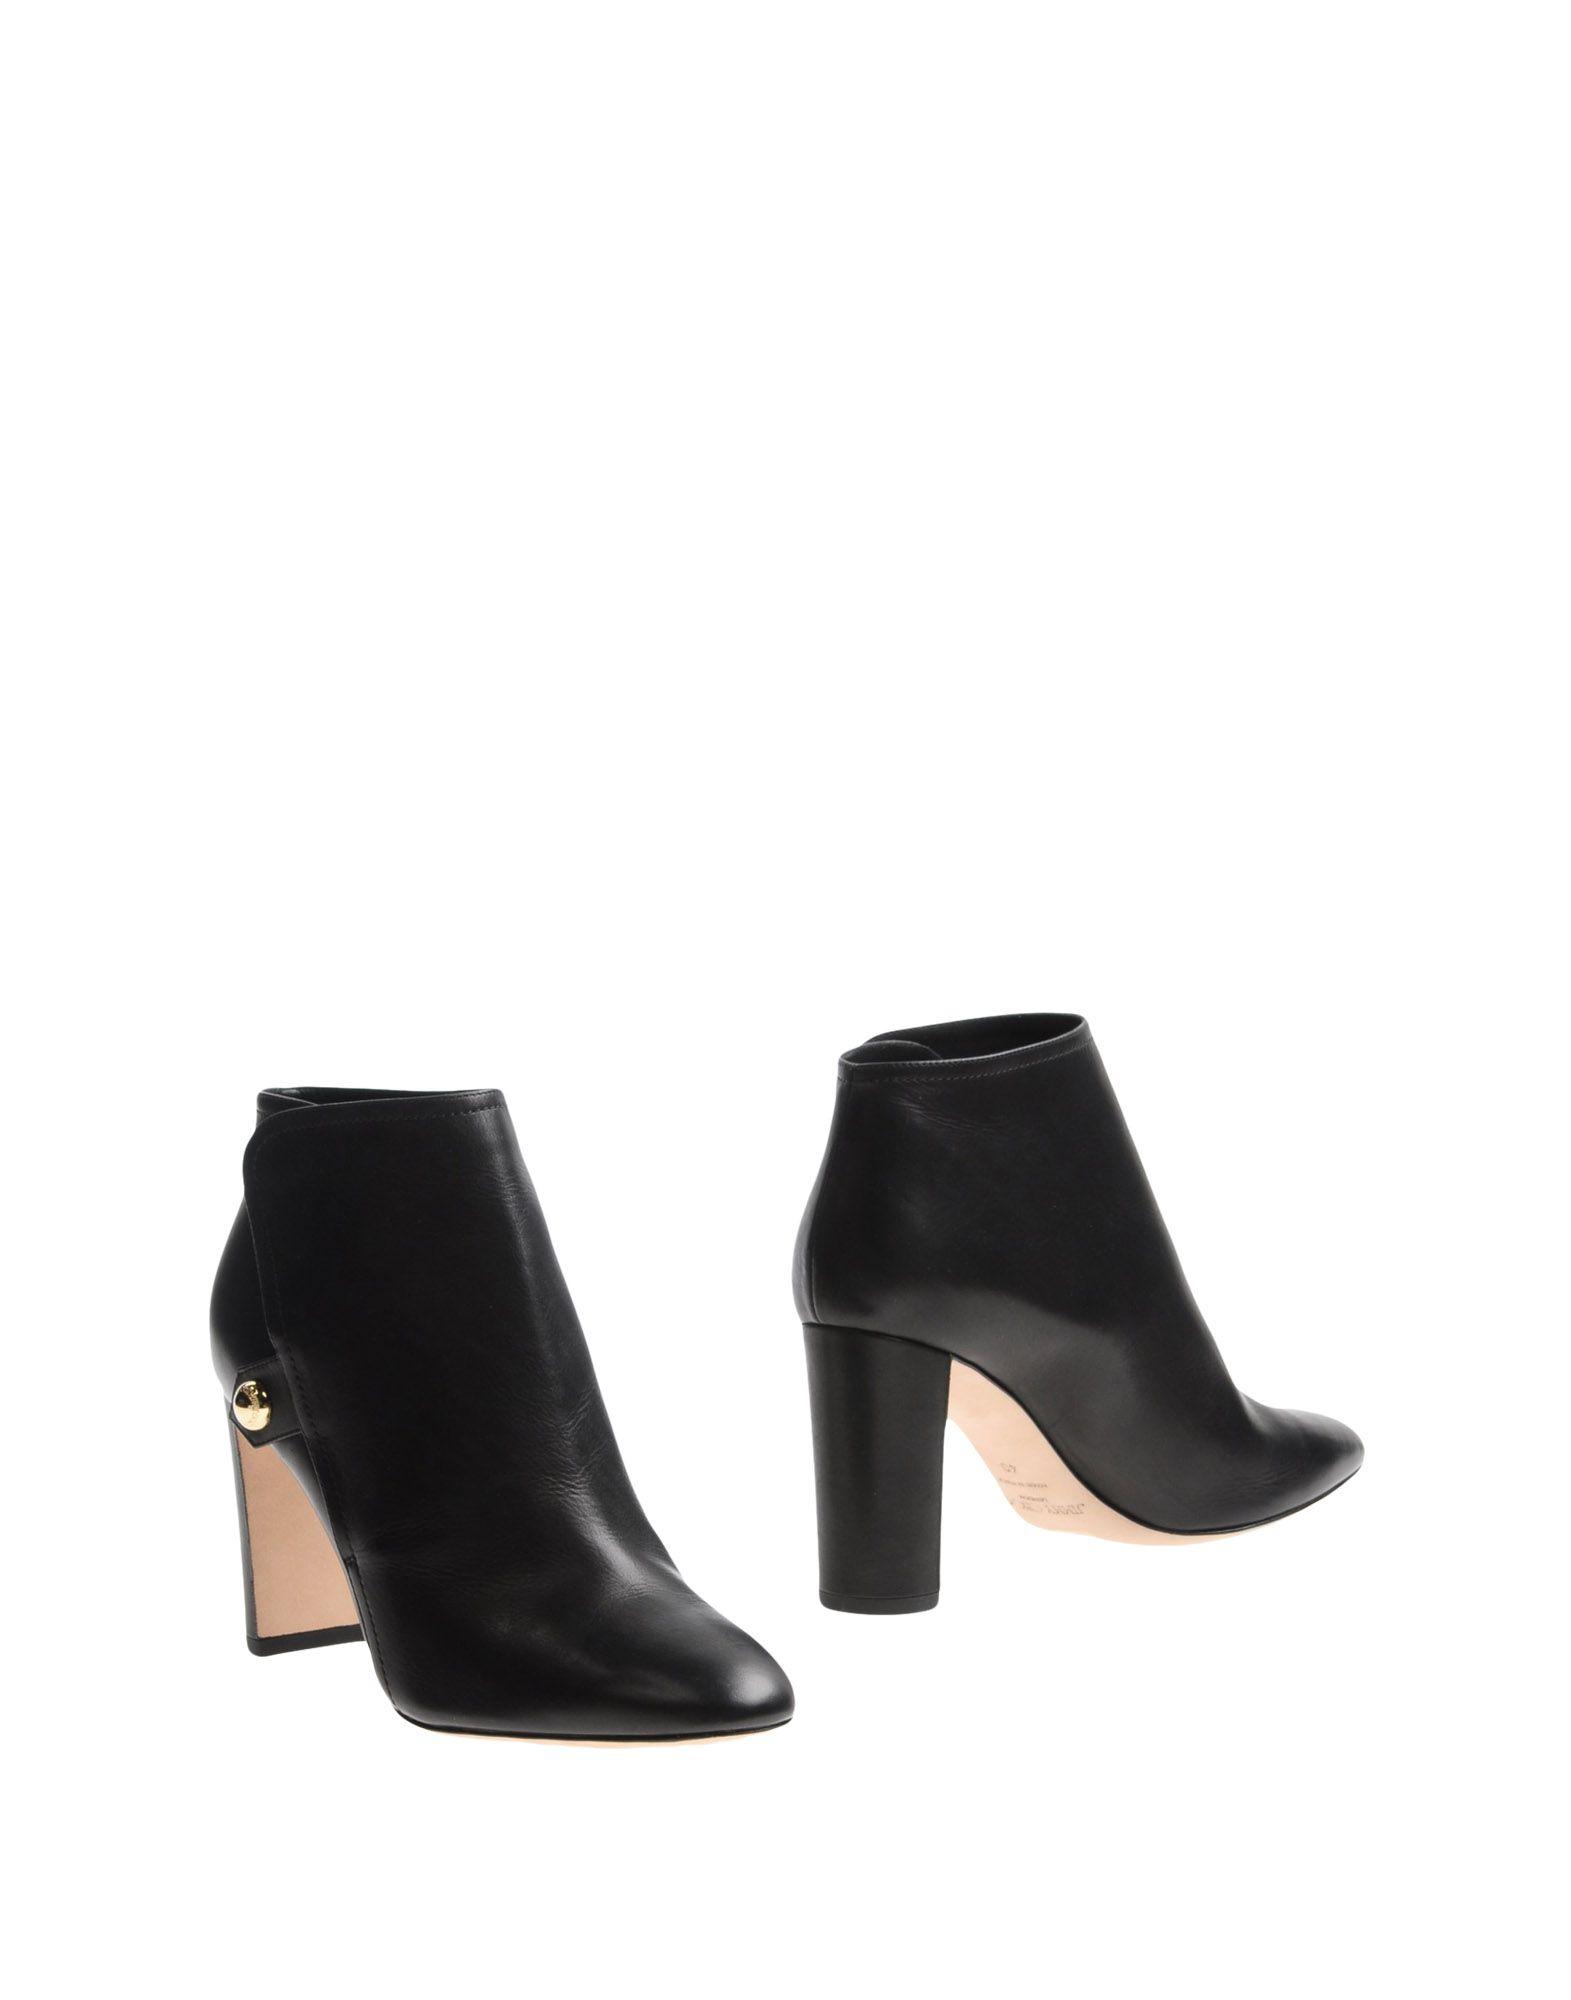 Jimmy Choo Stiefelette Damen  Schuhe 11305256IDGünstige gut aussehende Schuhe  b6cfb2